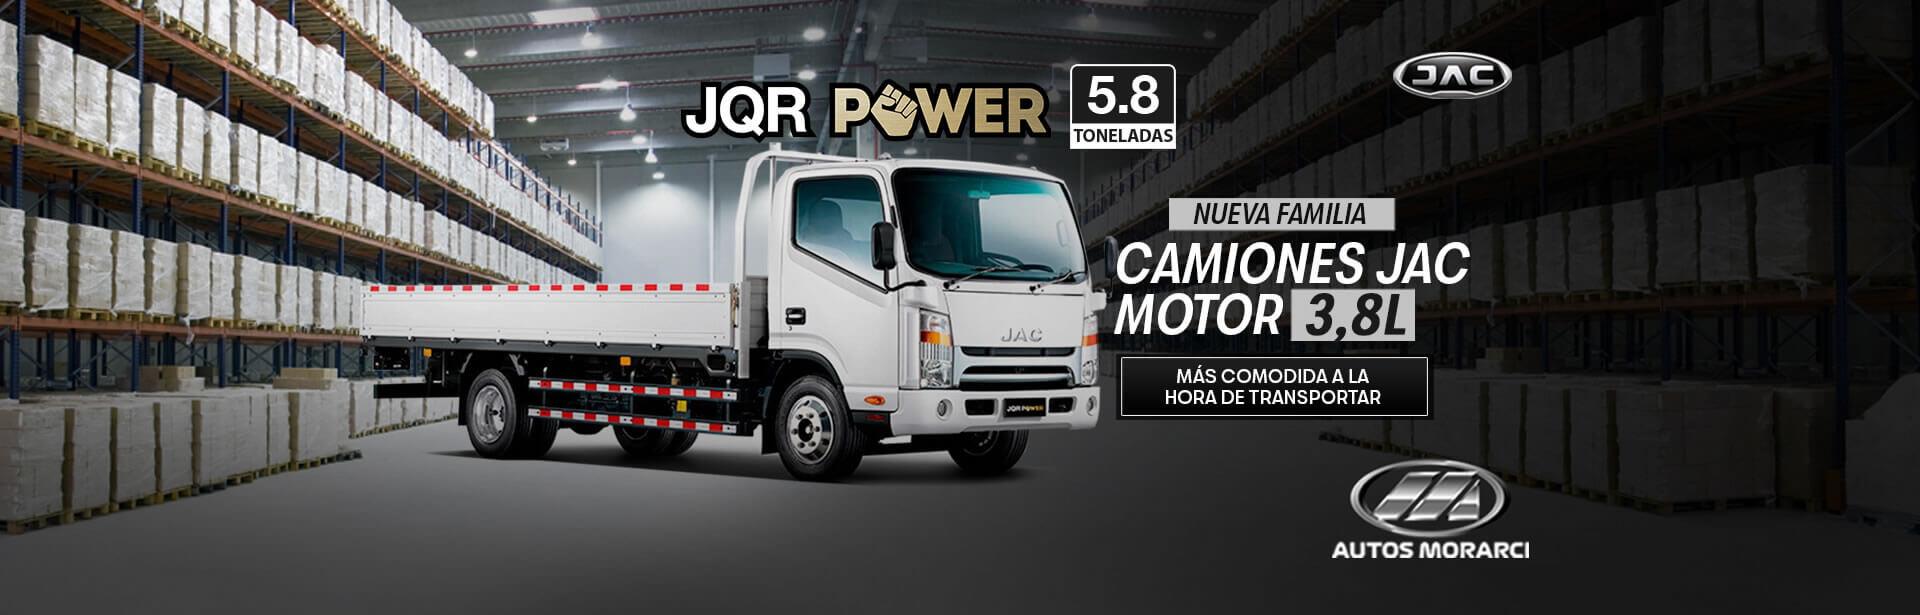 JQR LARGO POWER